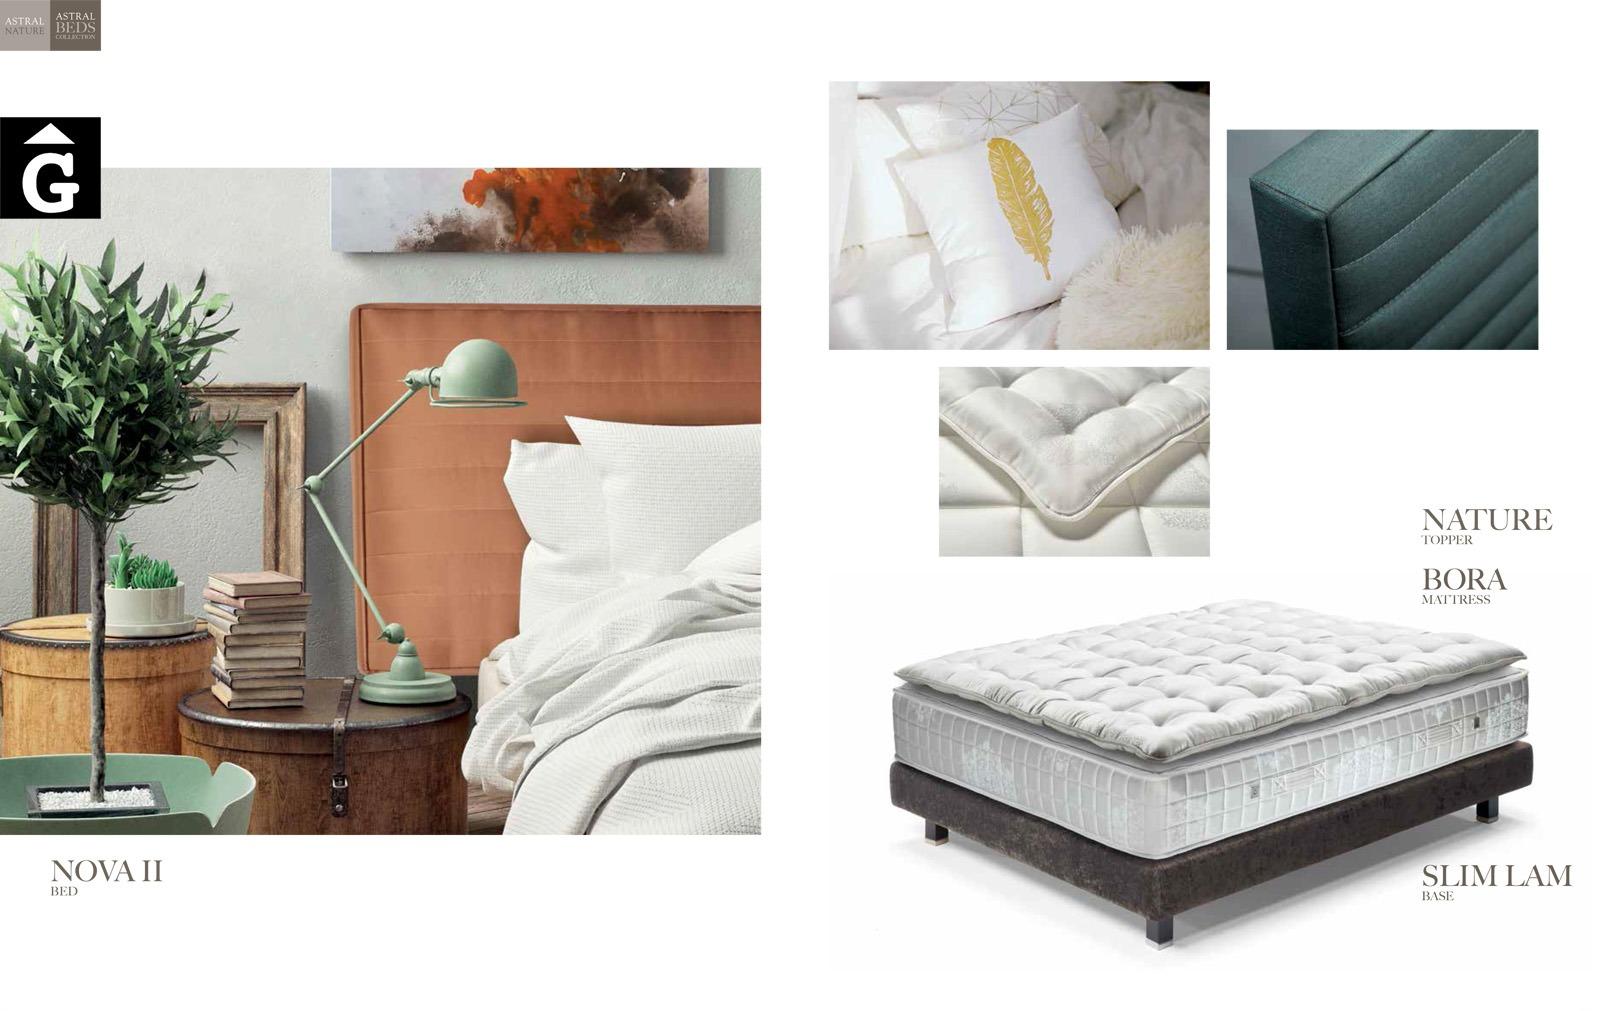 Nova II llit entapissat Beds Astral Nature descans qualitat natural i salut junts per mobles Gifreu